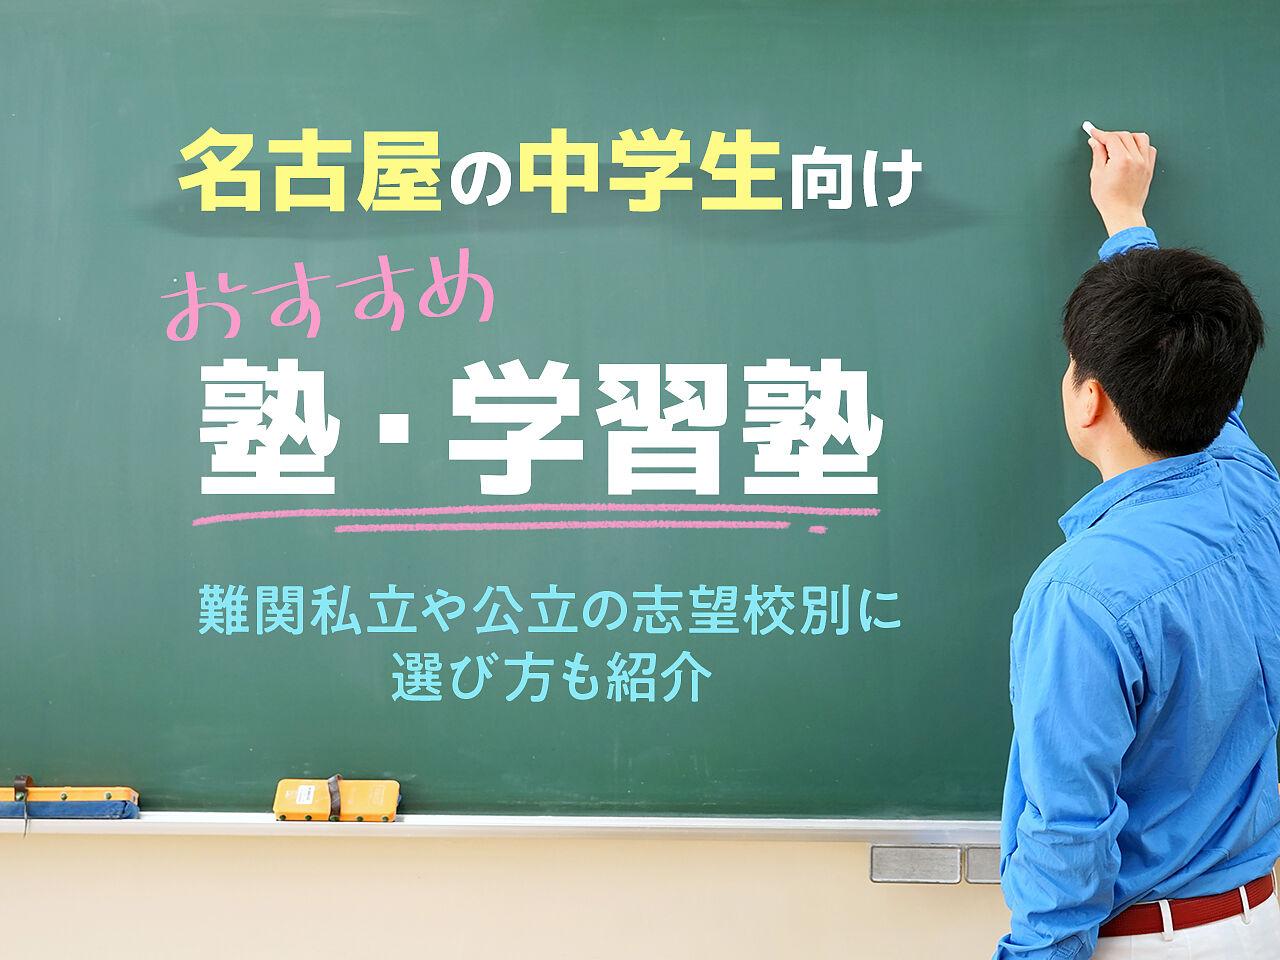 名古屋の中学生向け塾・学習塾おすすめ25選!難関私立や公立の志望校別に選び方をご紹介の画像